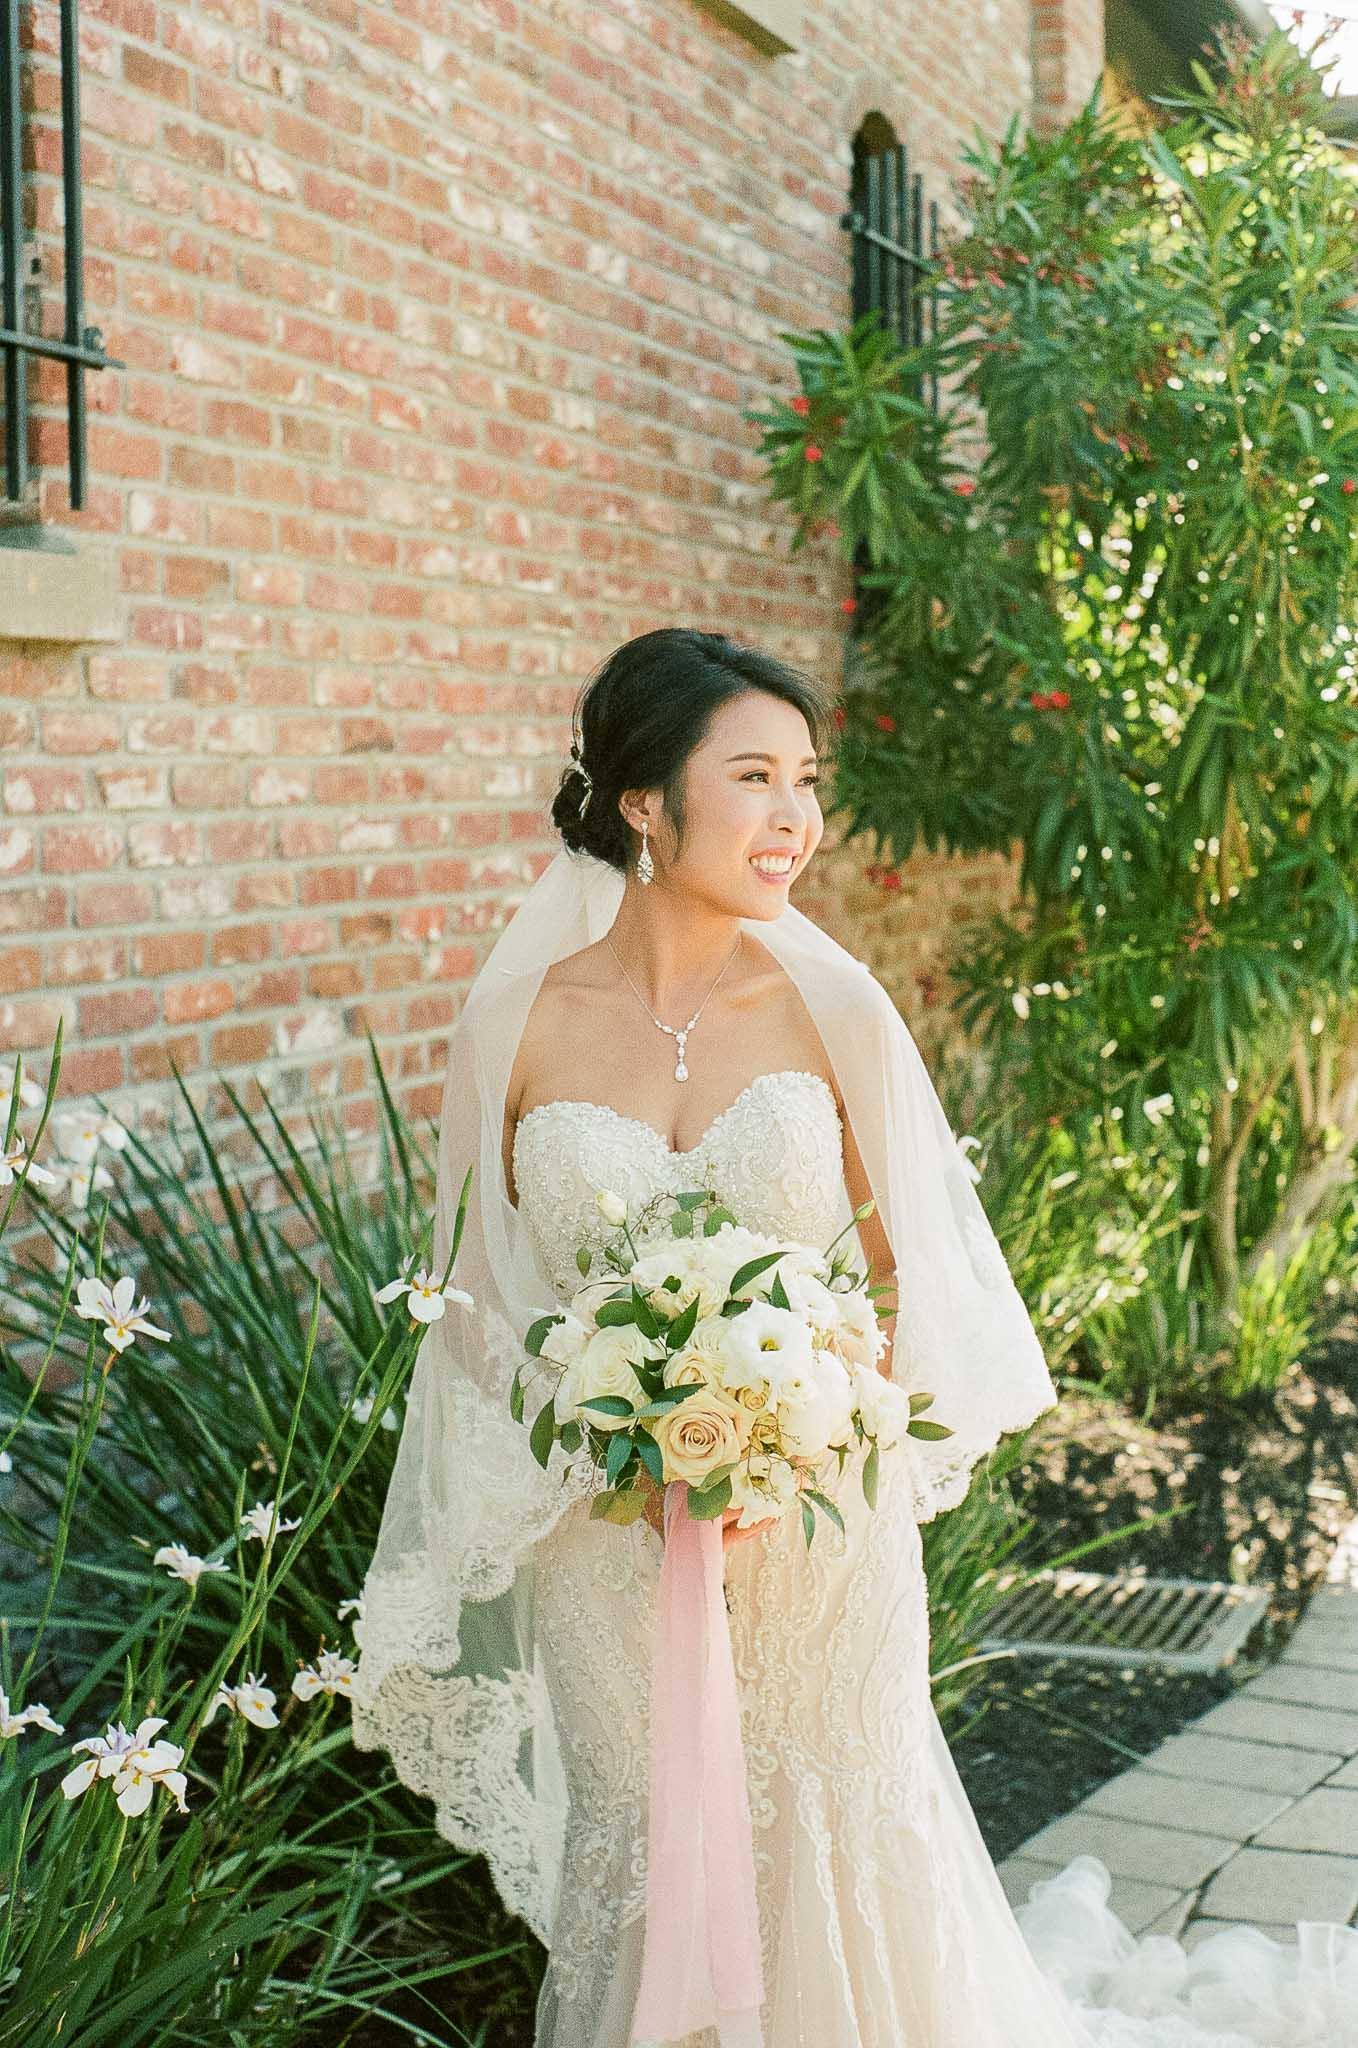 Bride-Flower-Bouquet-outside.jpg